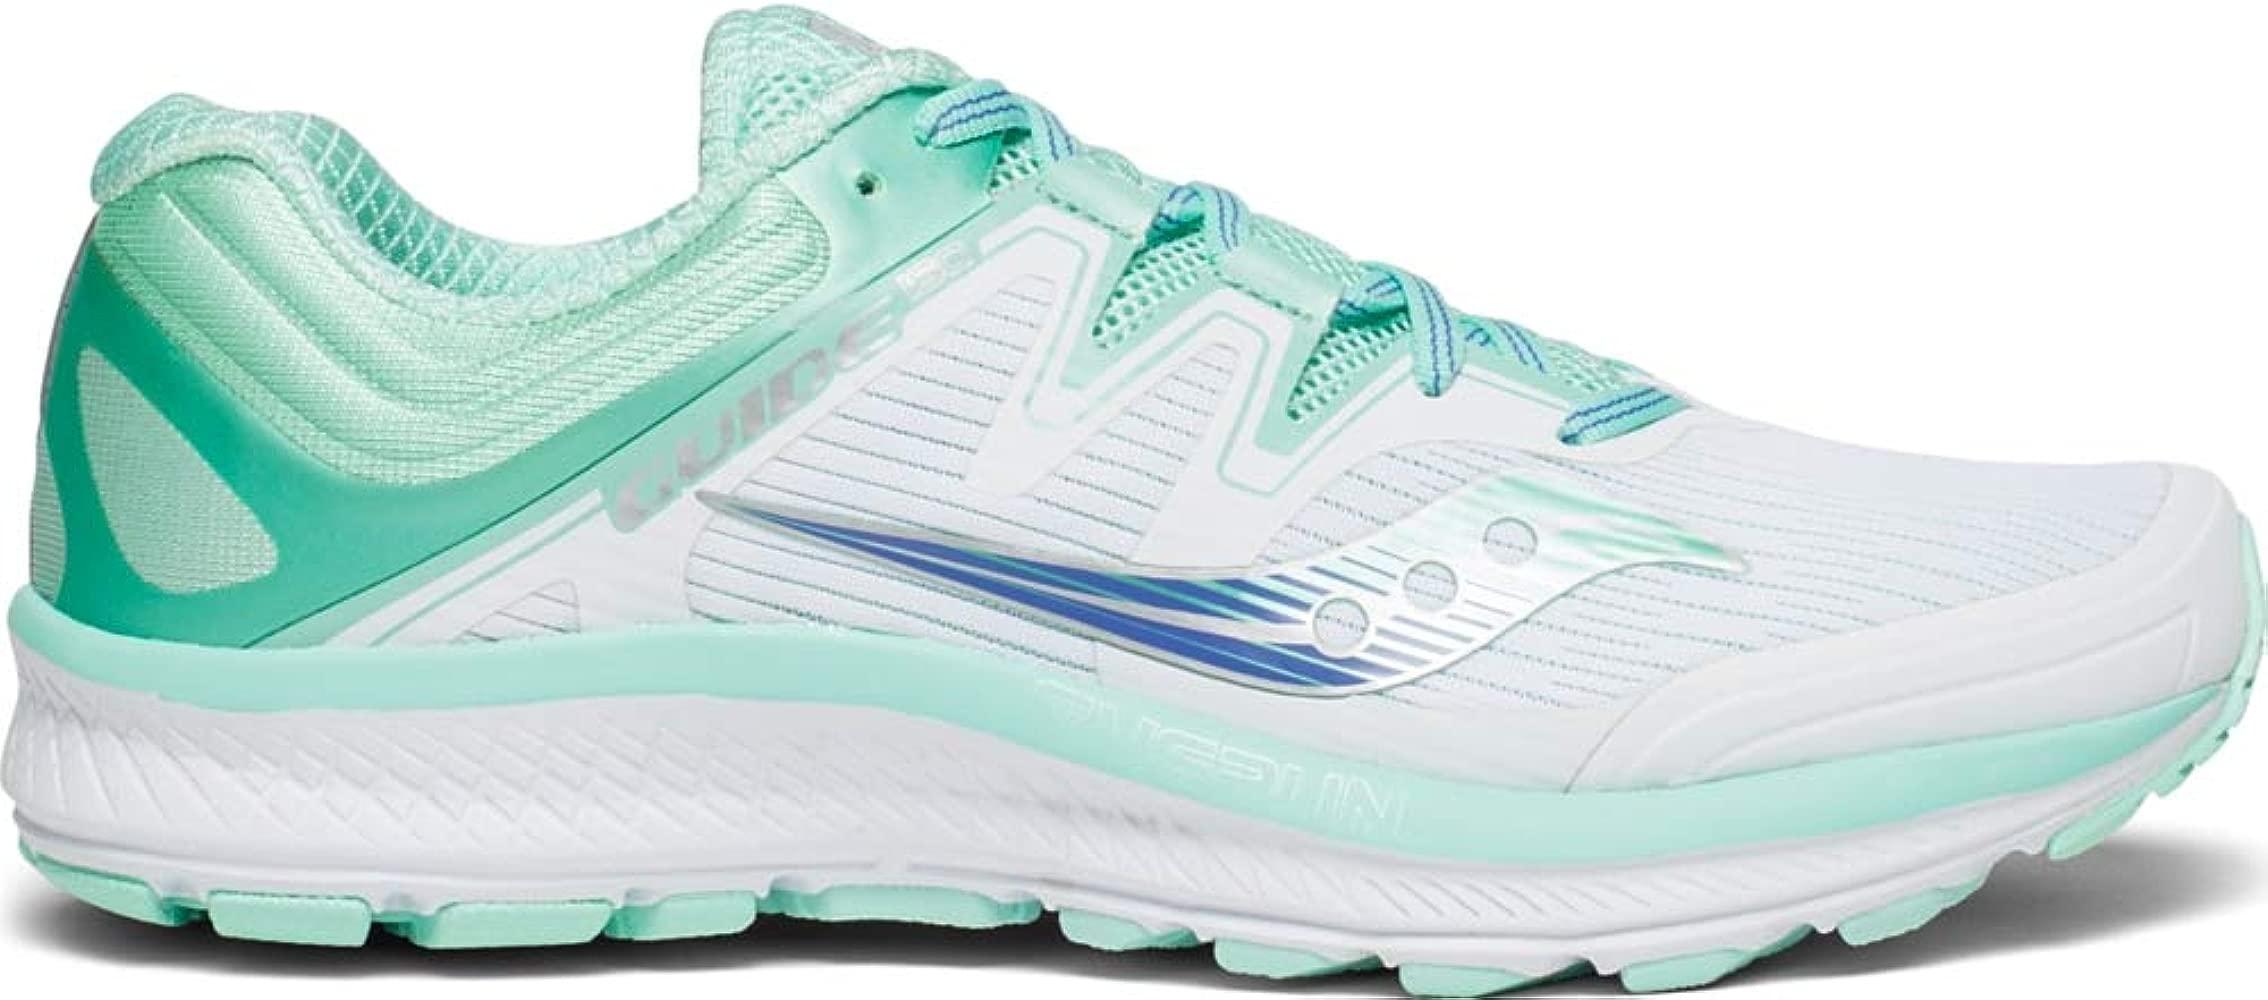 zapatillas saucony para correr mujer pronadora woman